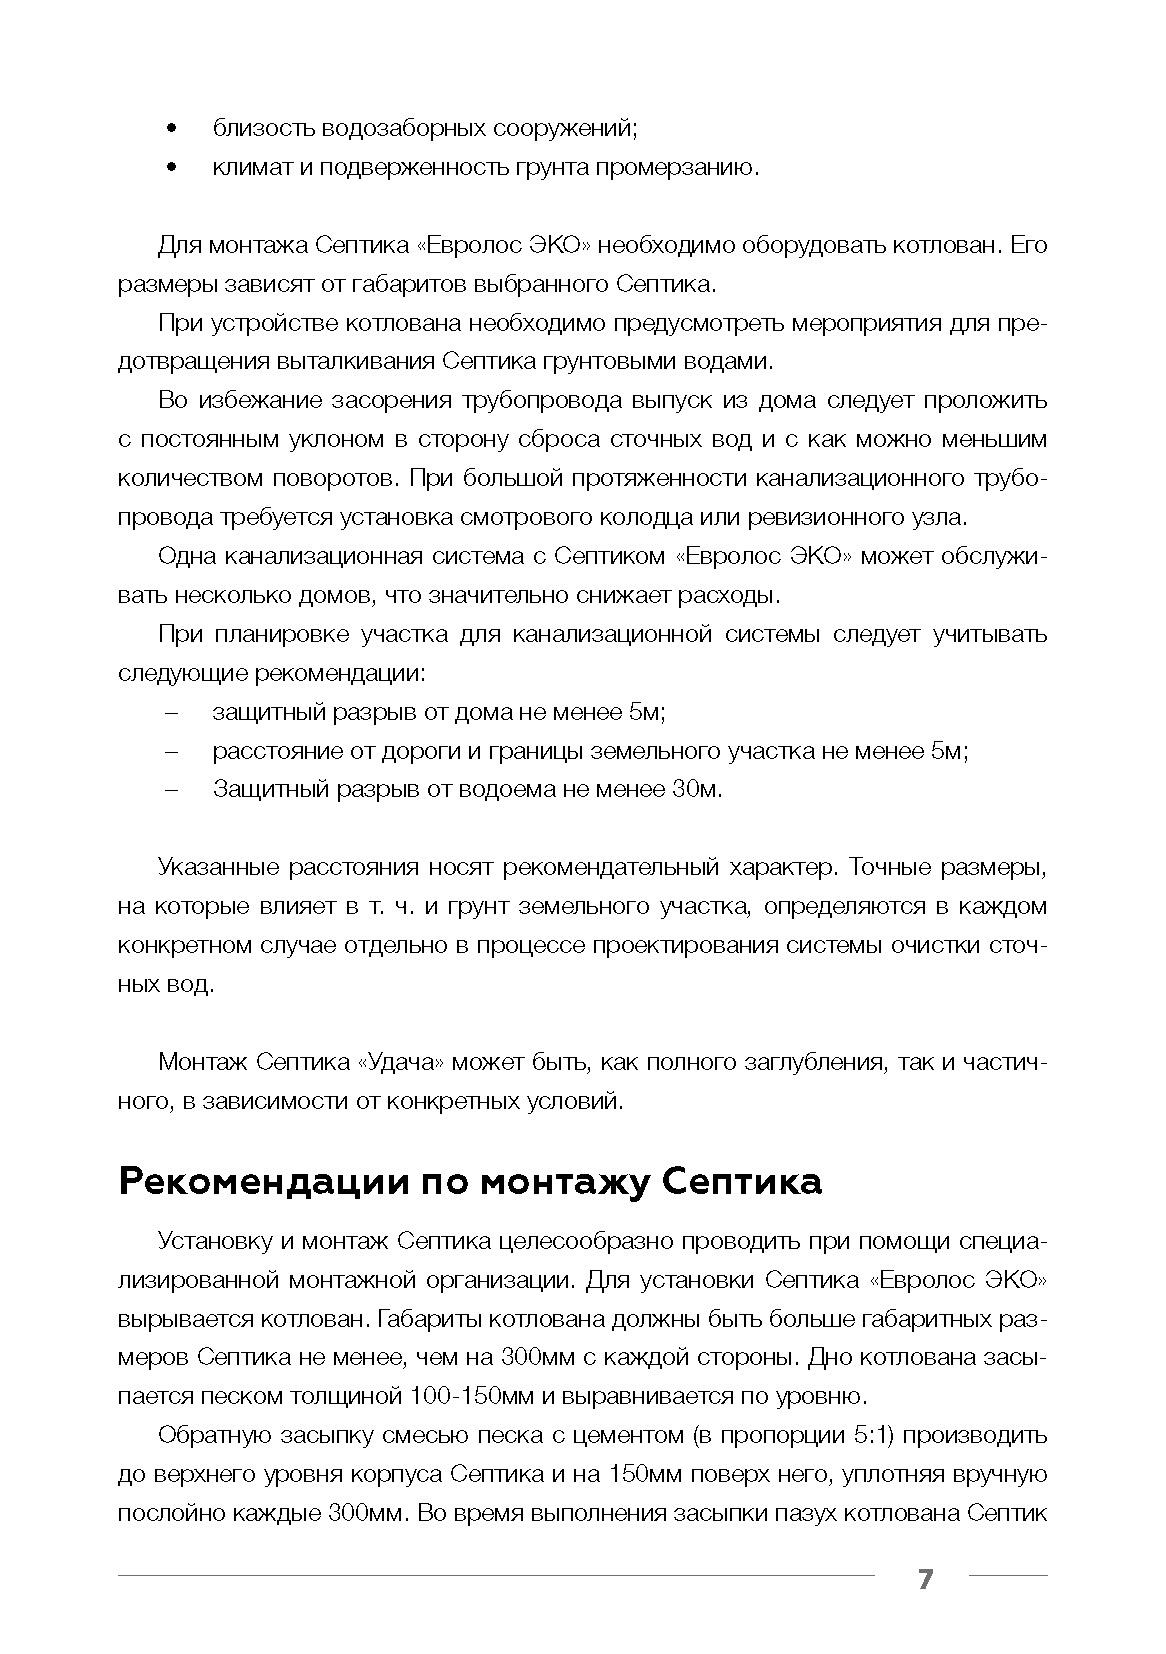 Технический паспорт Евролос Эко_Удача_Страница_09